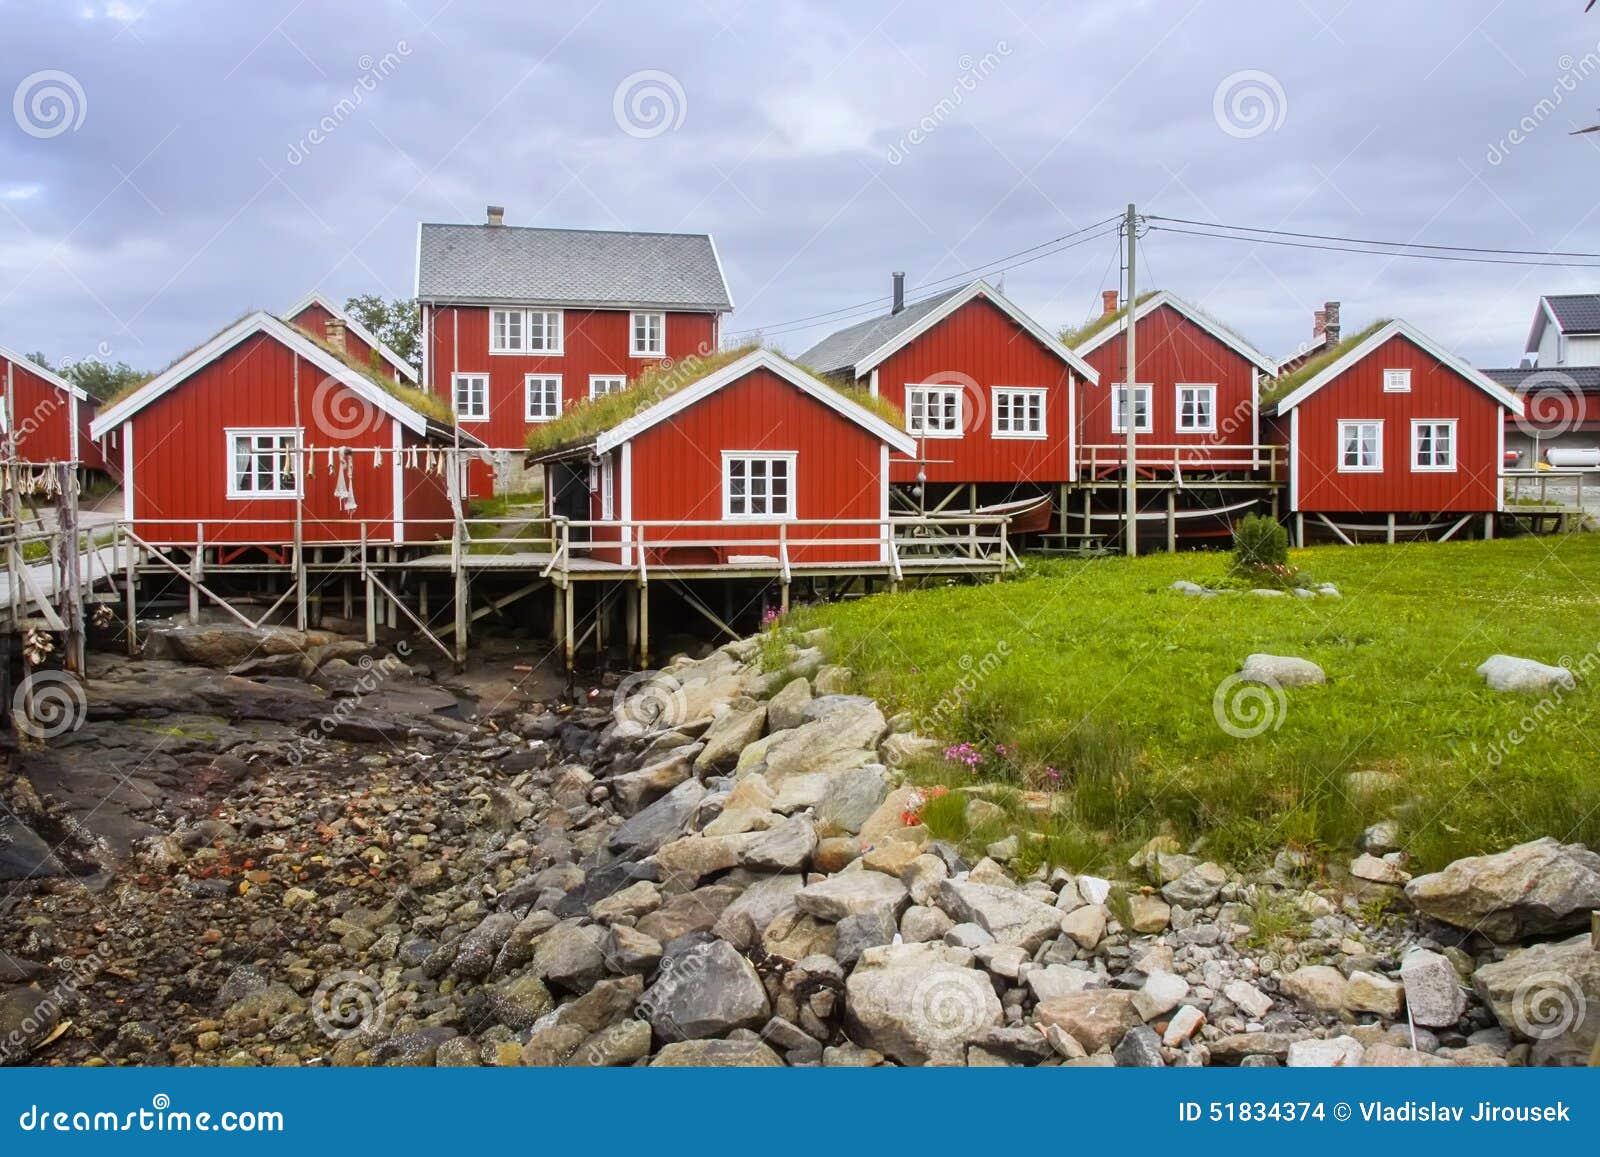 Typische rote holzhäuser auf der küste von finnland